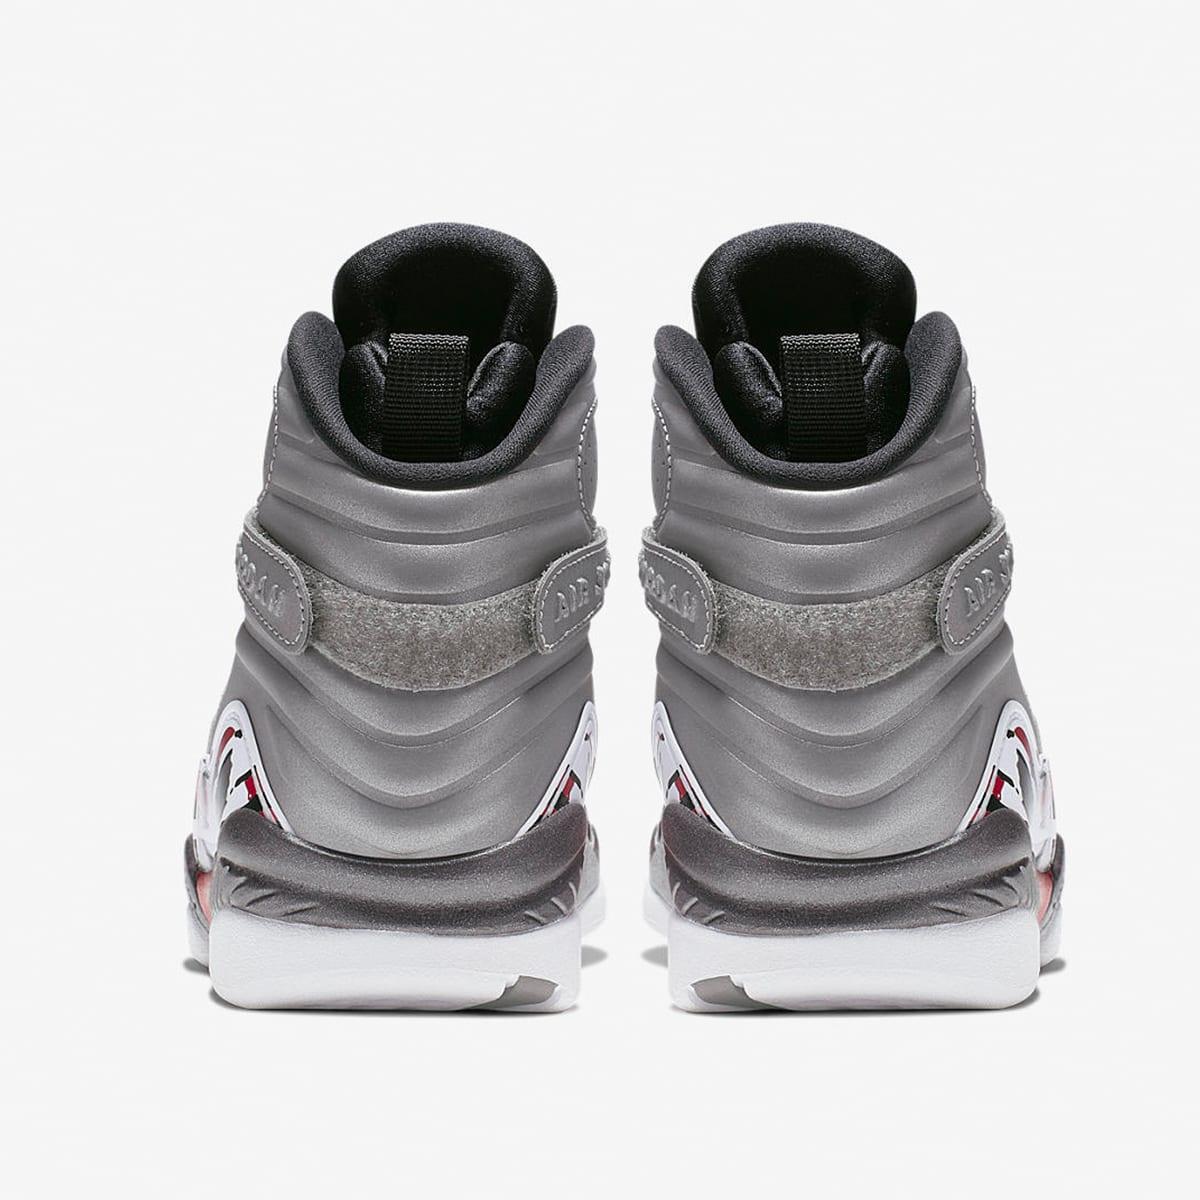 Nike Air Jordan 8 Retro SP - CI4073-001